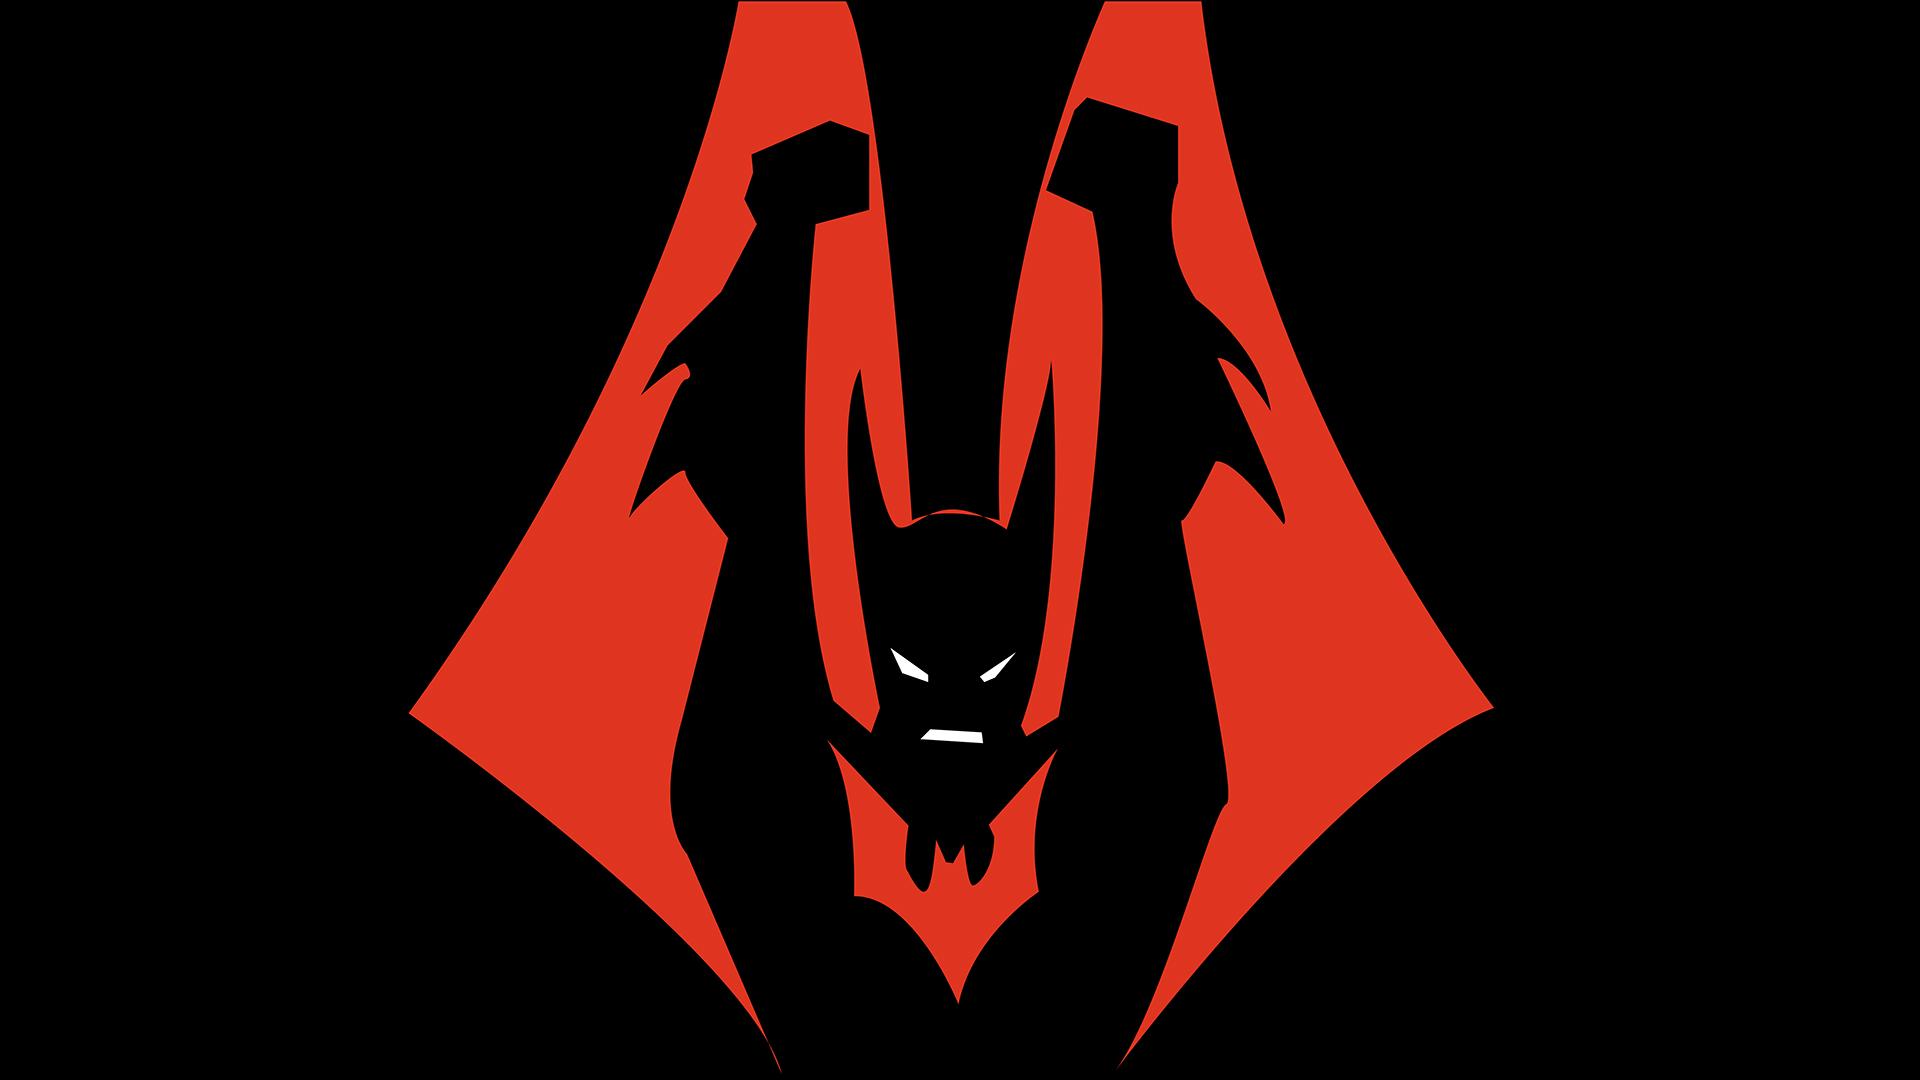 Batman Batman Beyond, HD Superheroes, 4k Wallpapers ...  Batman Beyond Logo Wallpaper Hd